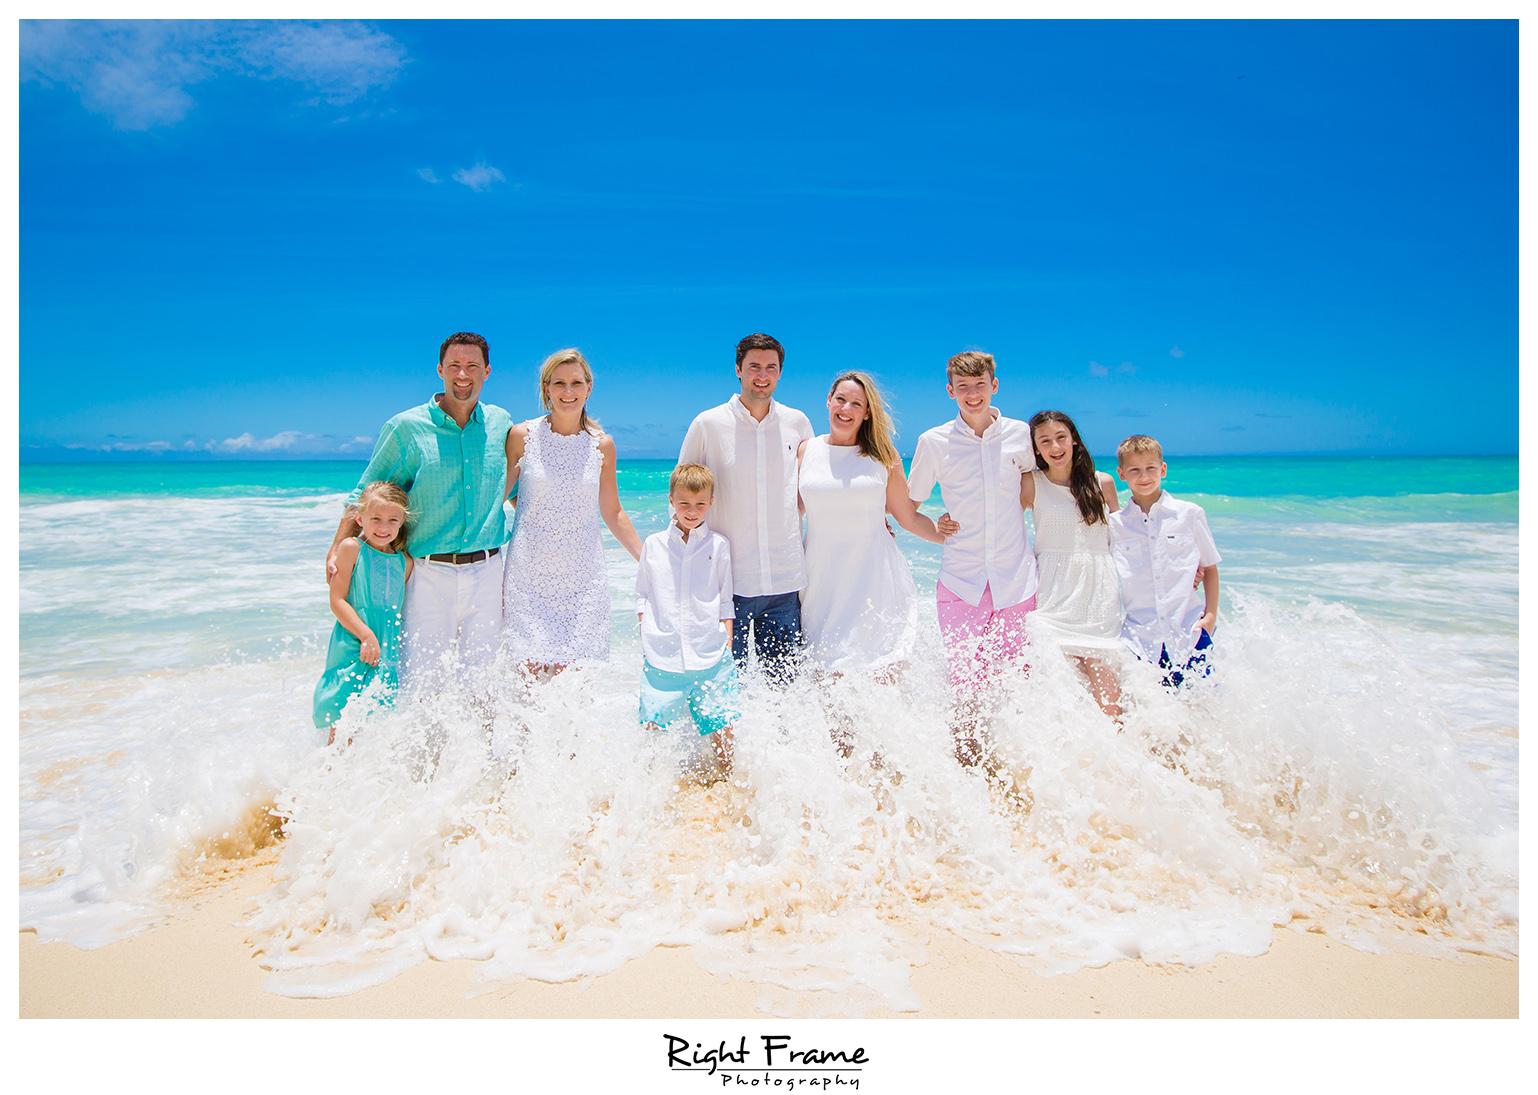 Professional Family Photographer Near Waikiki Beach